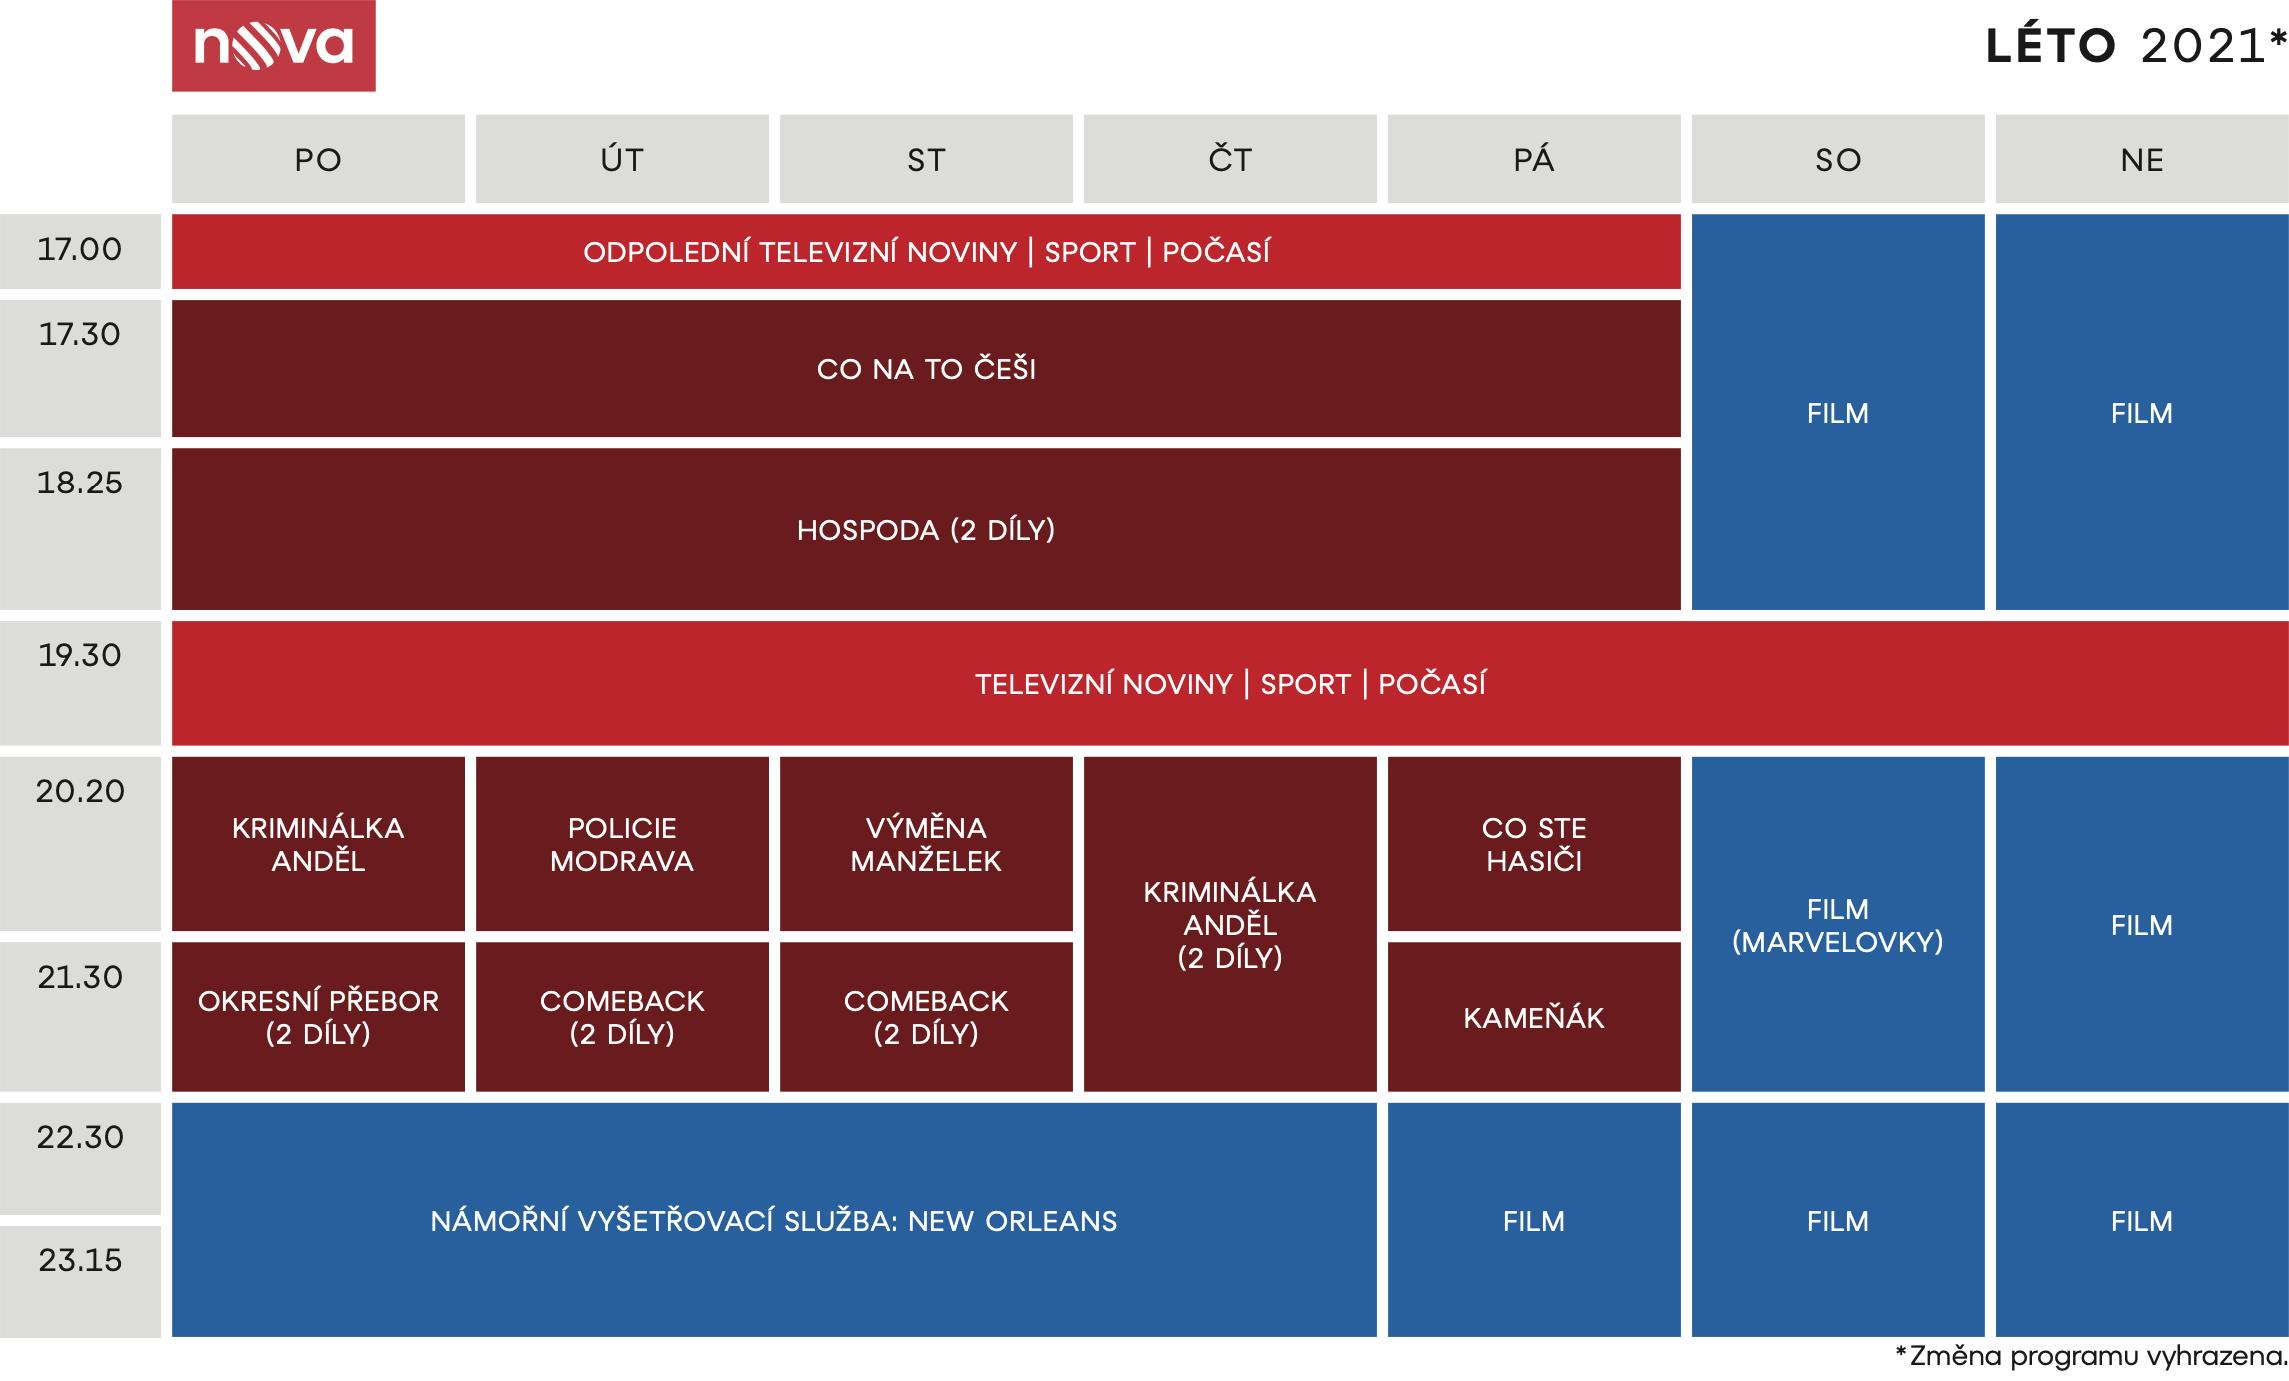 Programové schéma TV Nova na léto 2021